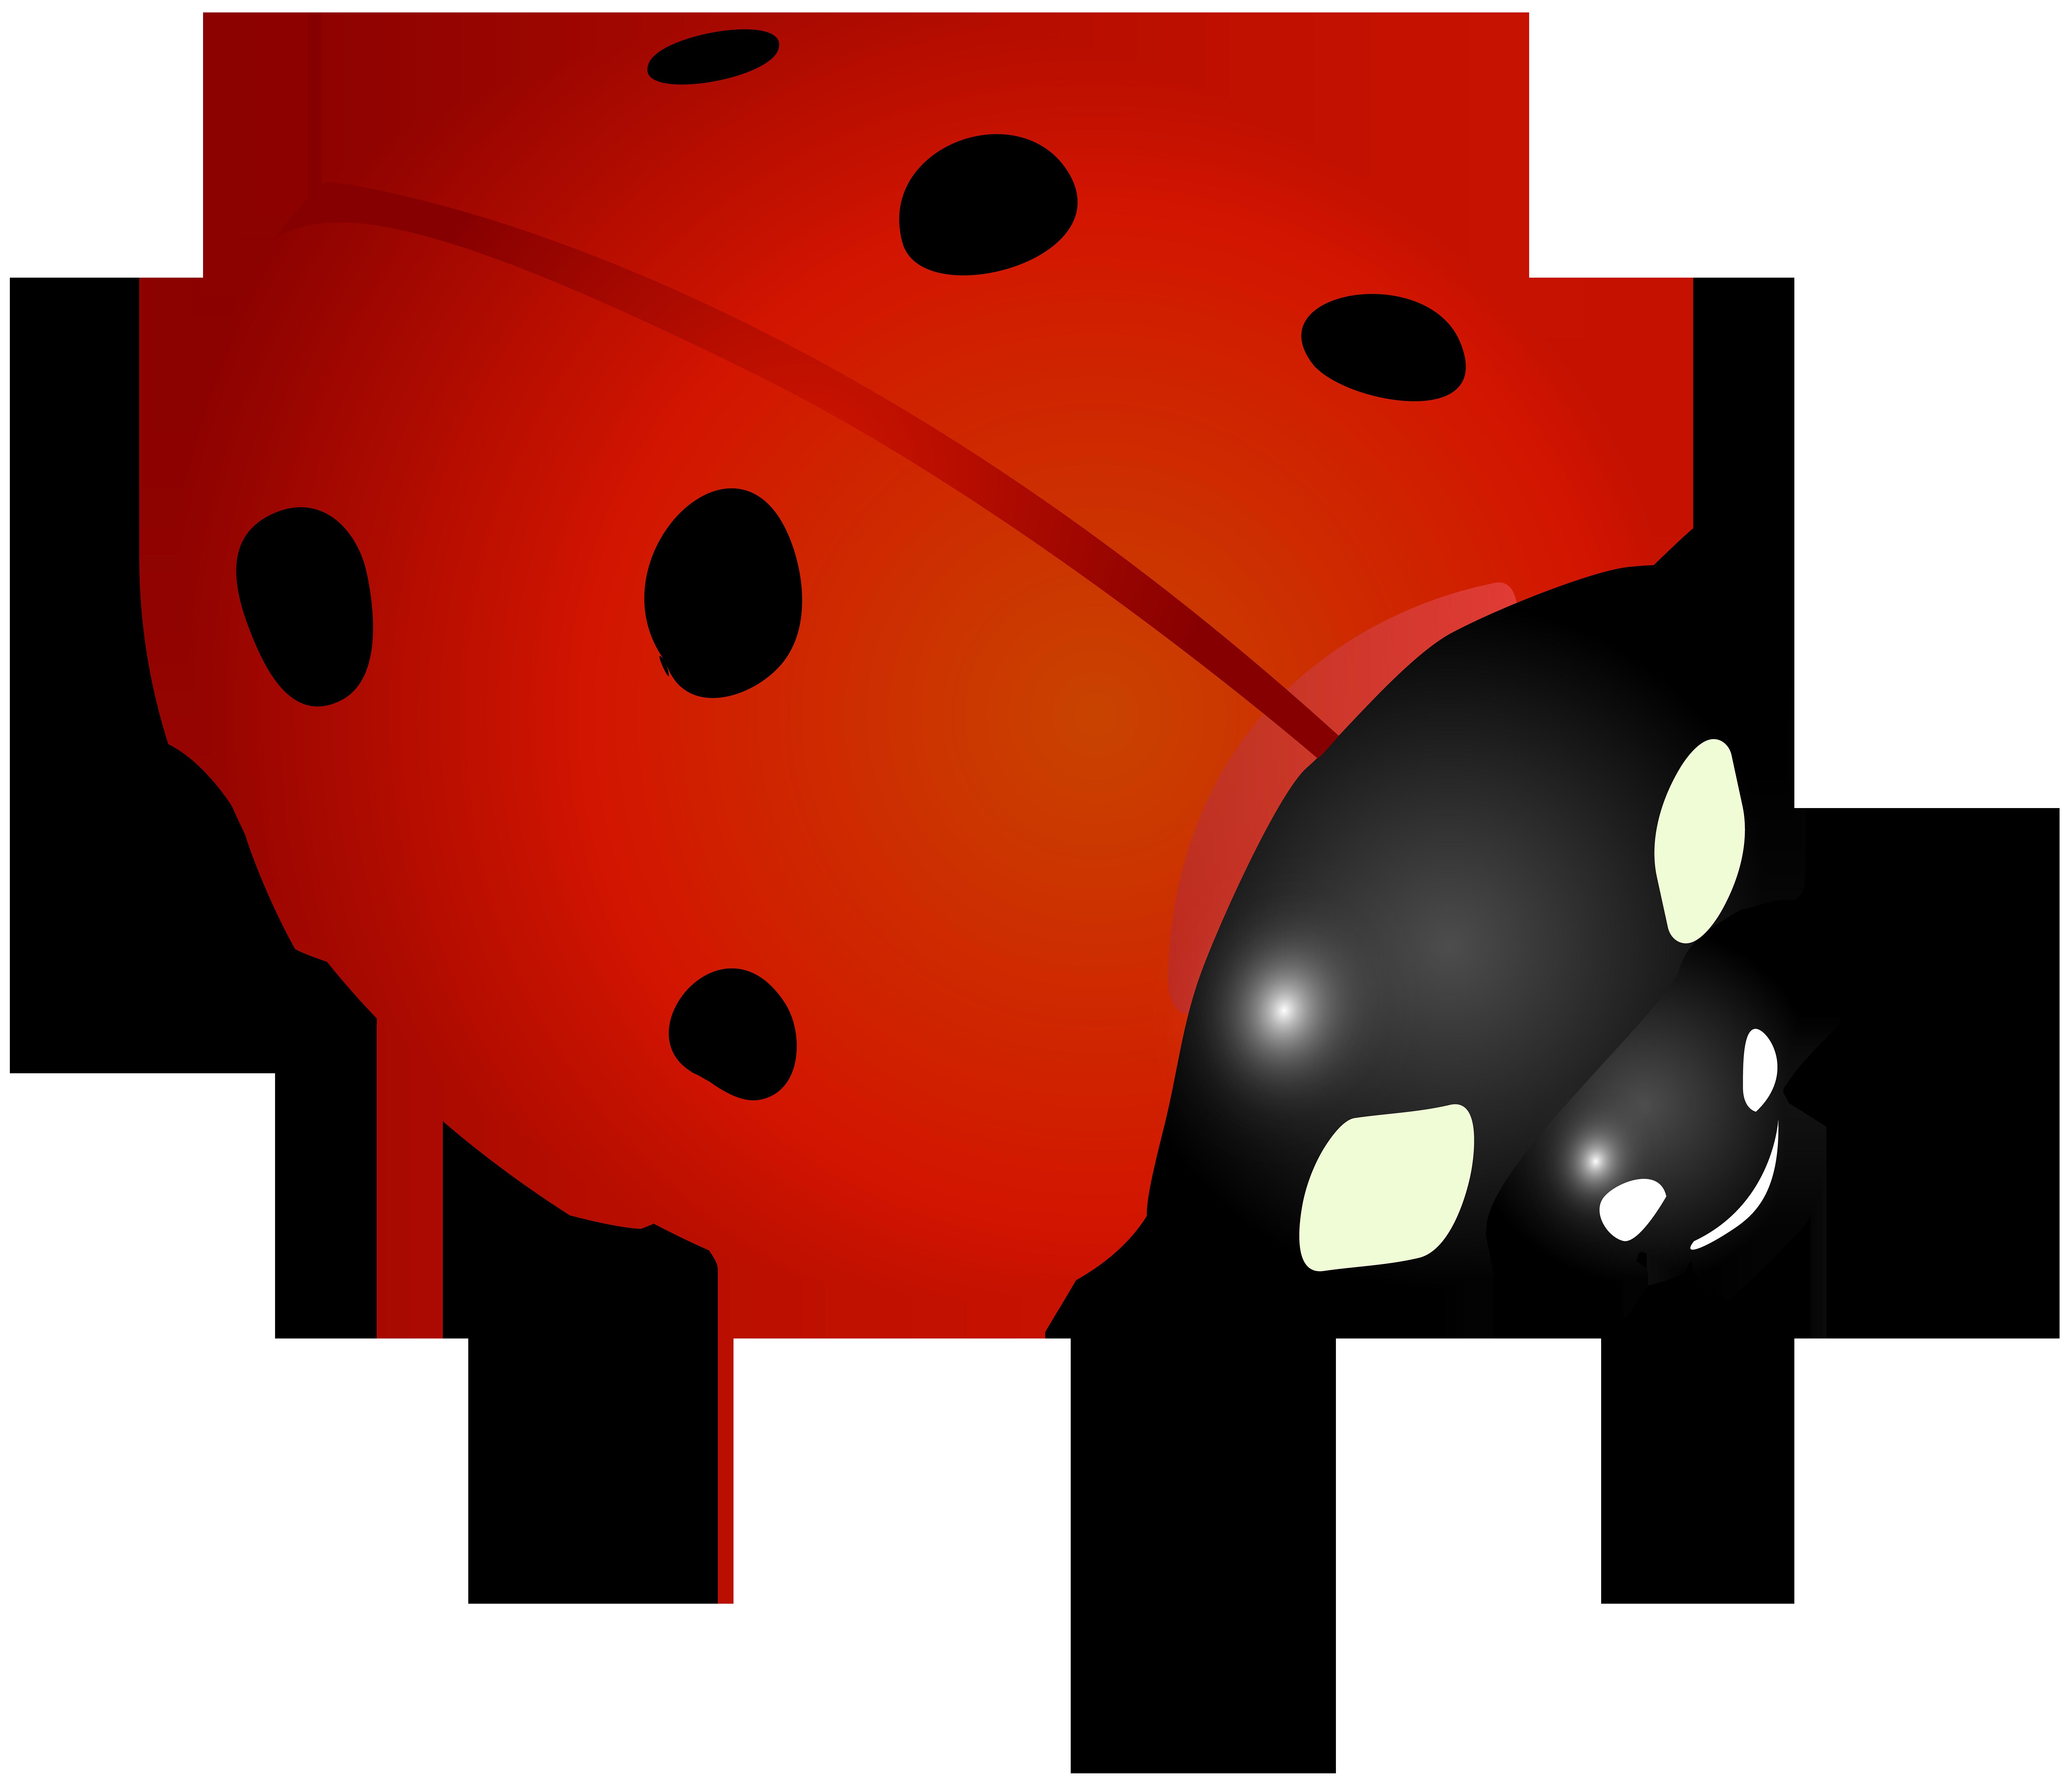 Ladybugs clipart transparent background. Ladybug clip art image